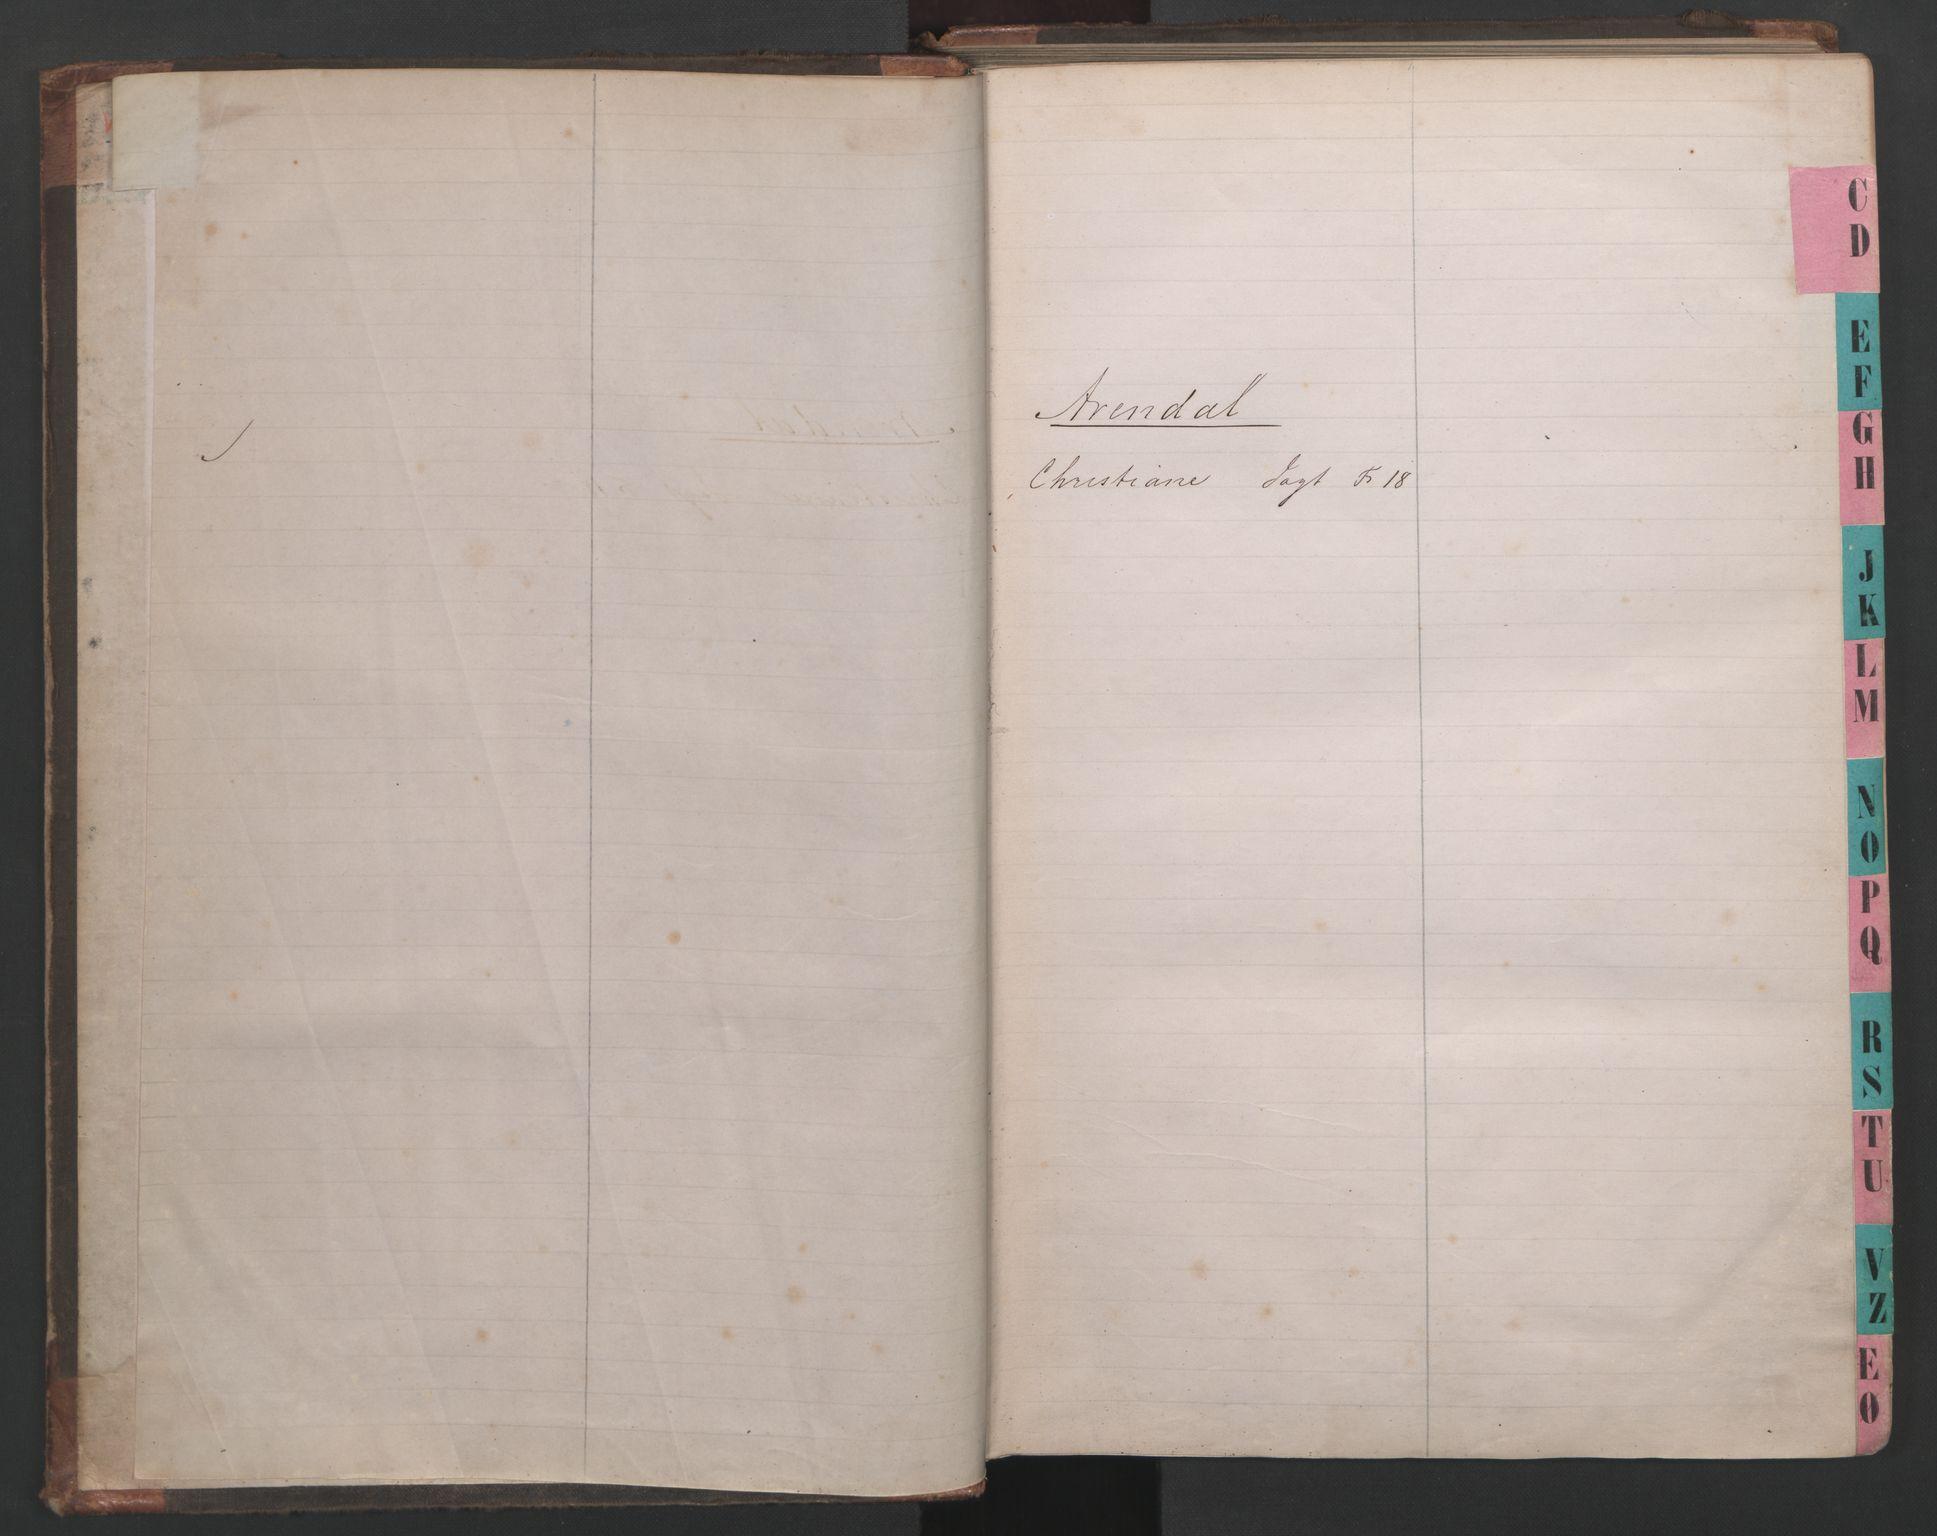 SAKO, Porsgrunn innrulleringskontor, H/Ha/L0008: Mønstringsjournal, 1907-1914